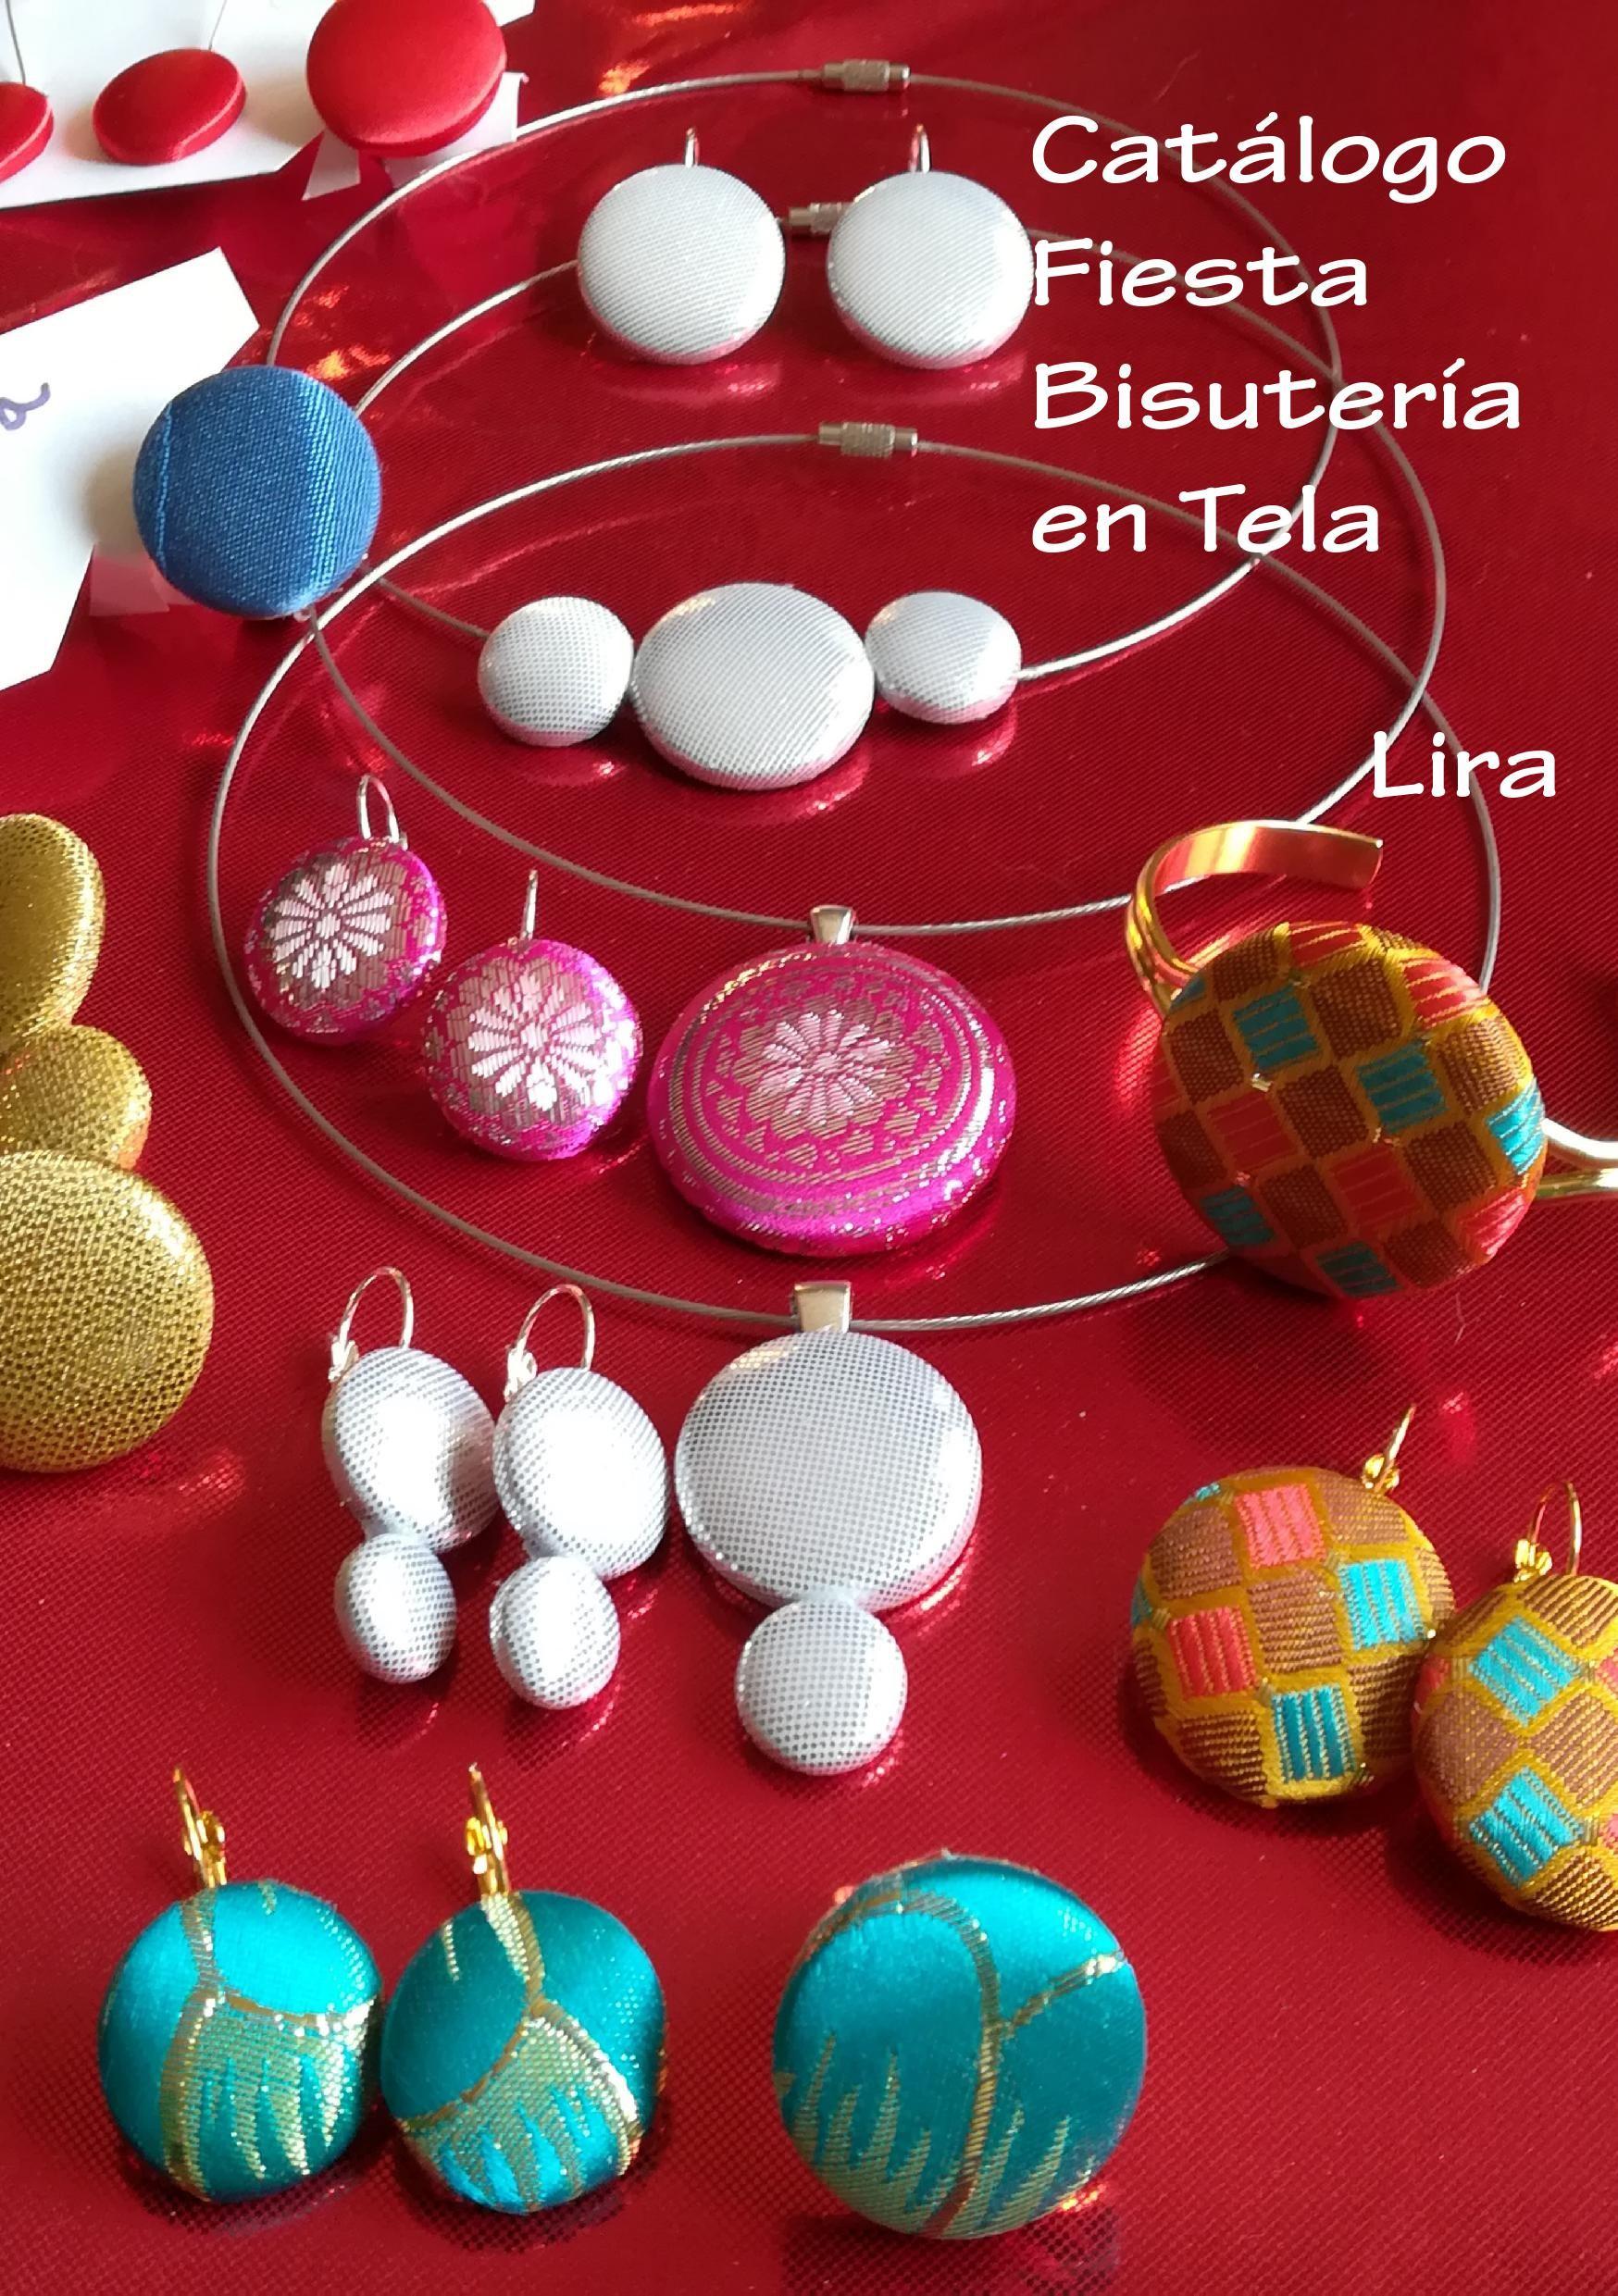 Bisutería en tela de Lira colección fiesta: Mis creaciones de Lira Naturaleza